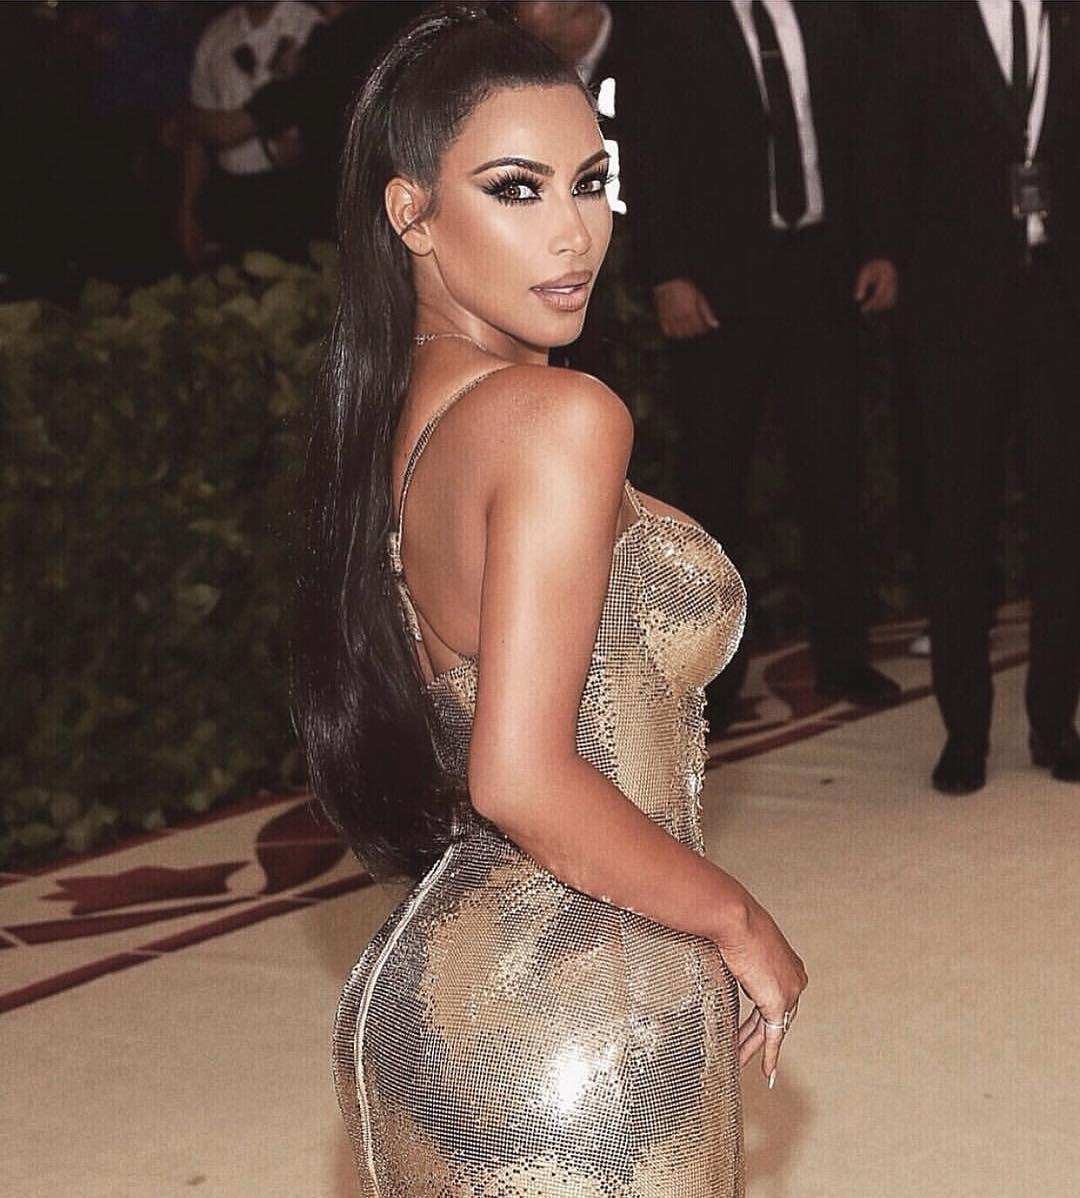 Что на тот раз, Ким? — эпатажная Кардашьян опять скопировала образ Бейонсе